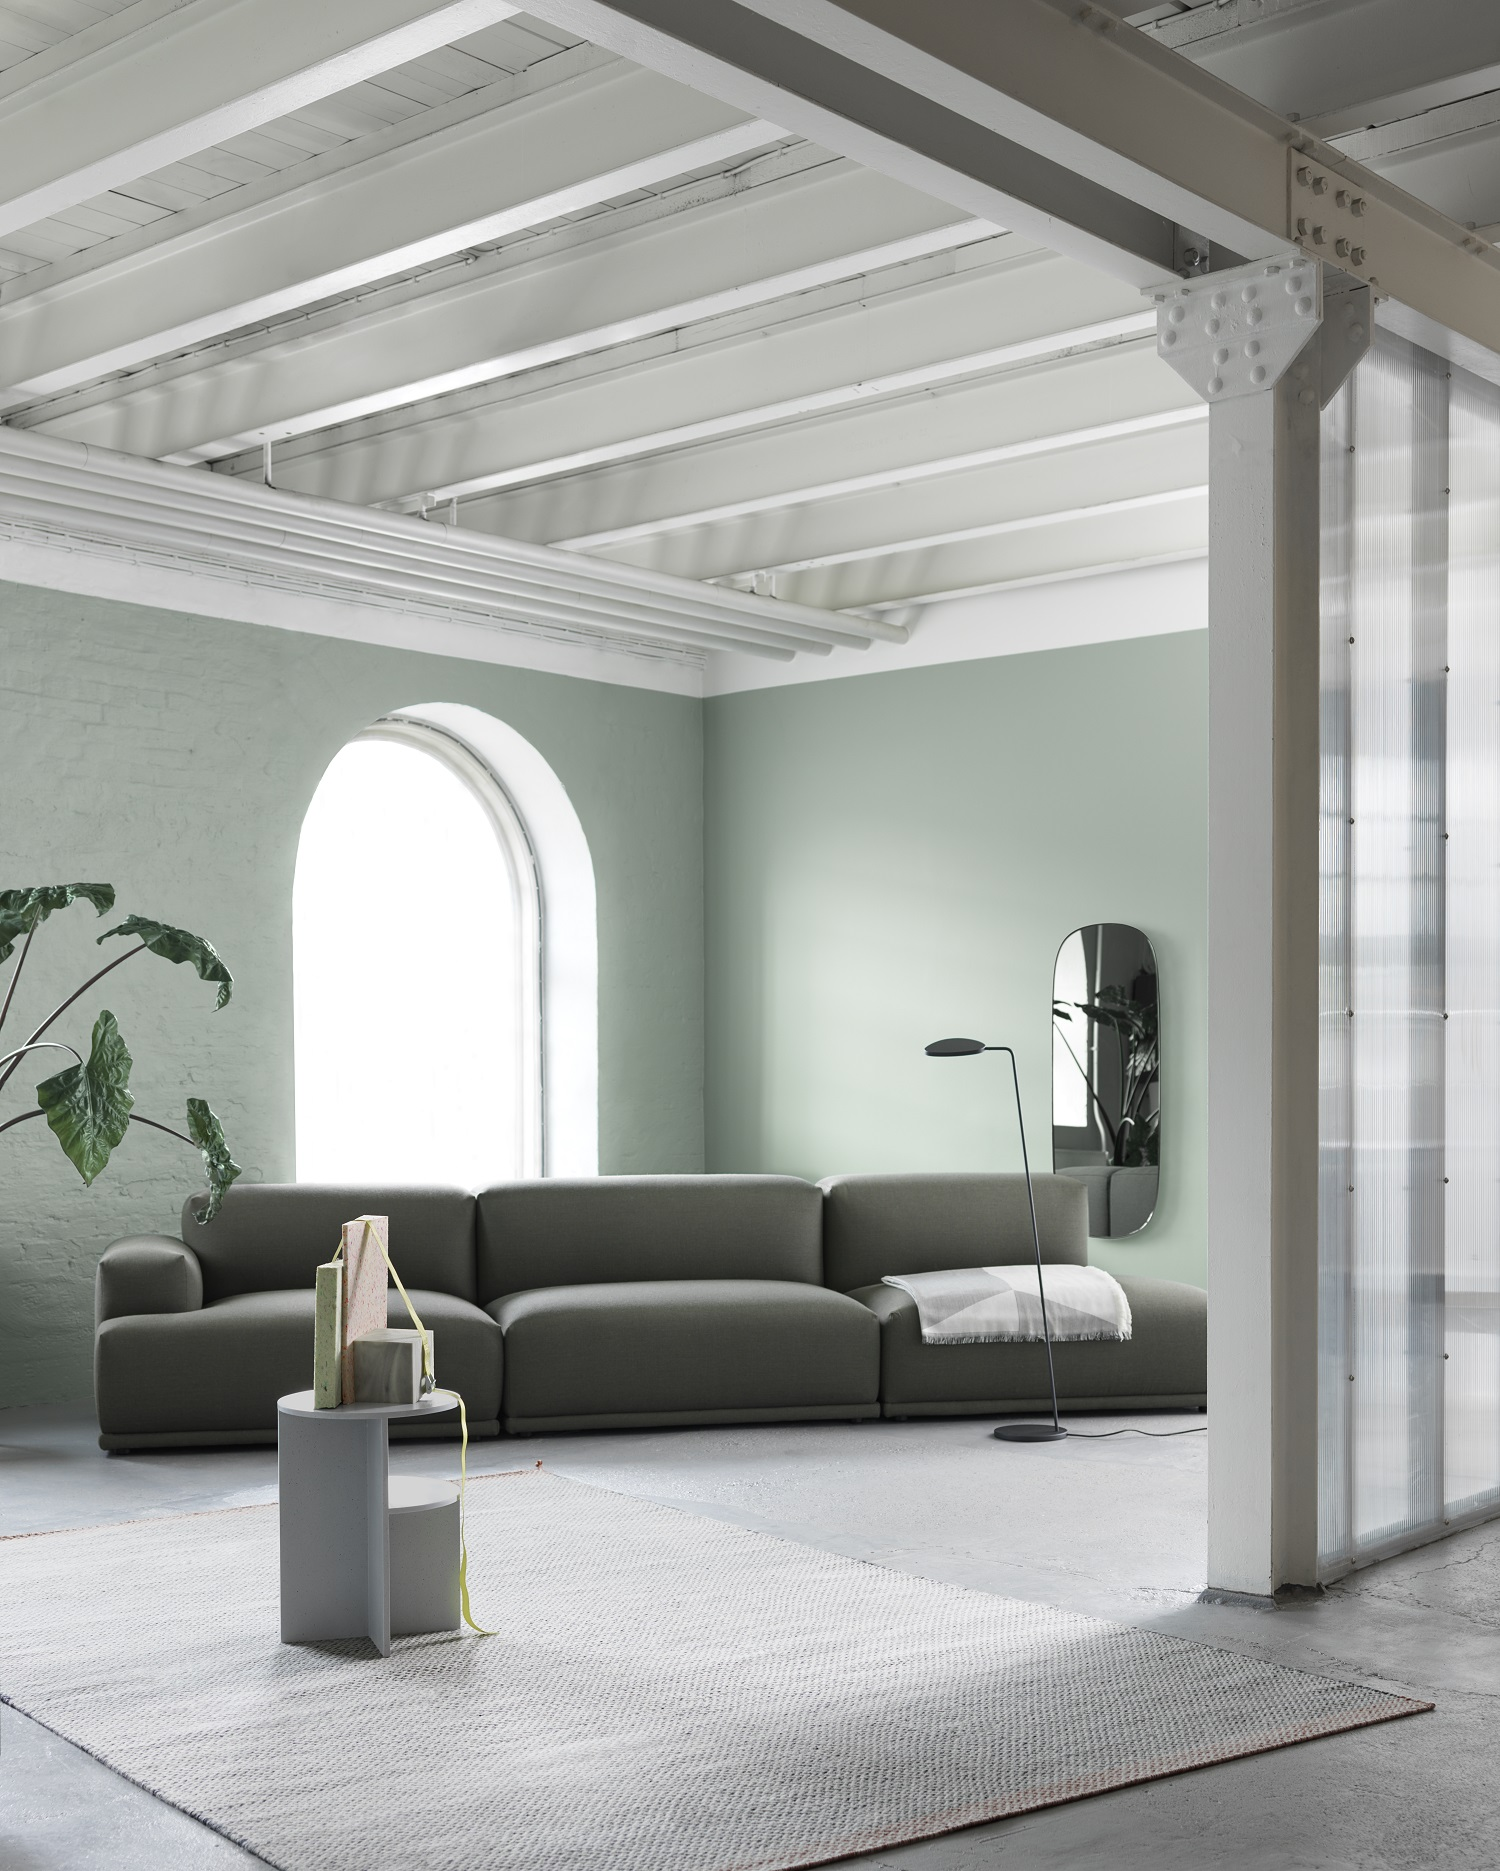 interiorlicious-effect-licht-kleur-muuto